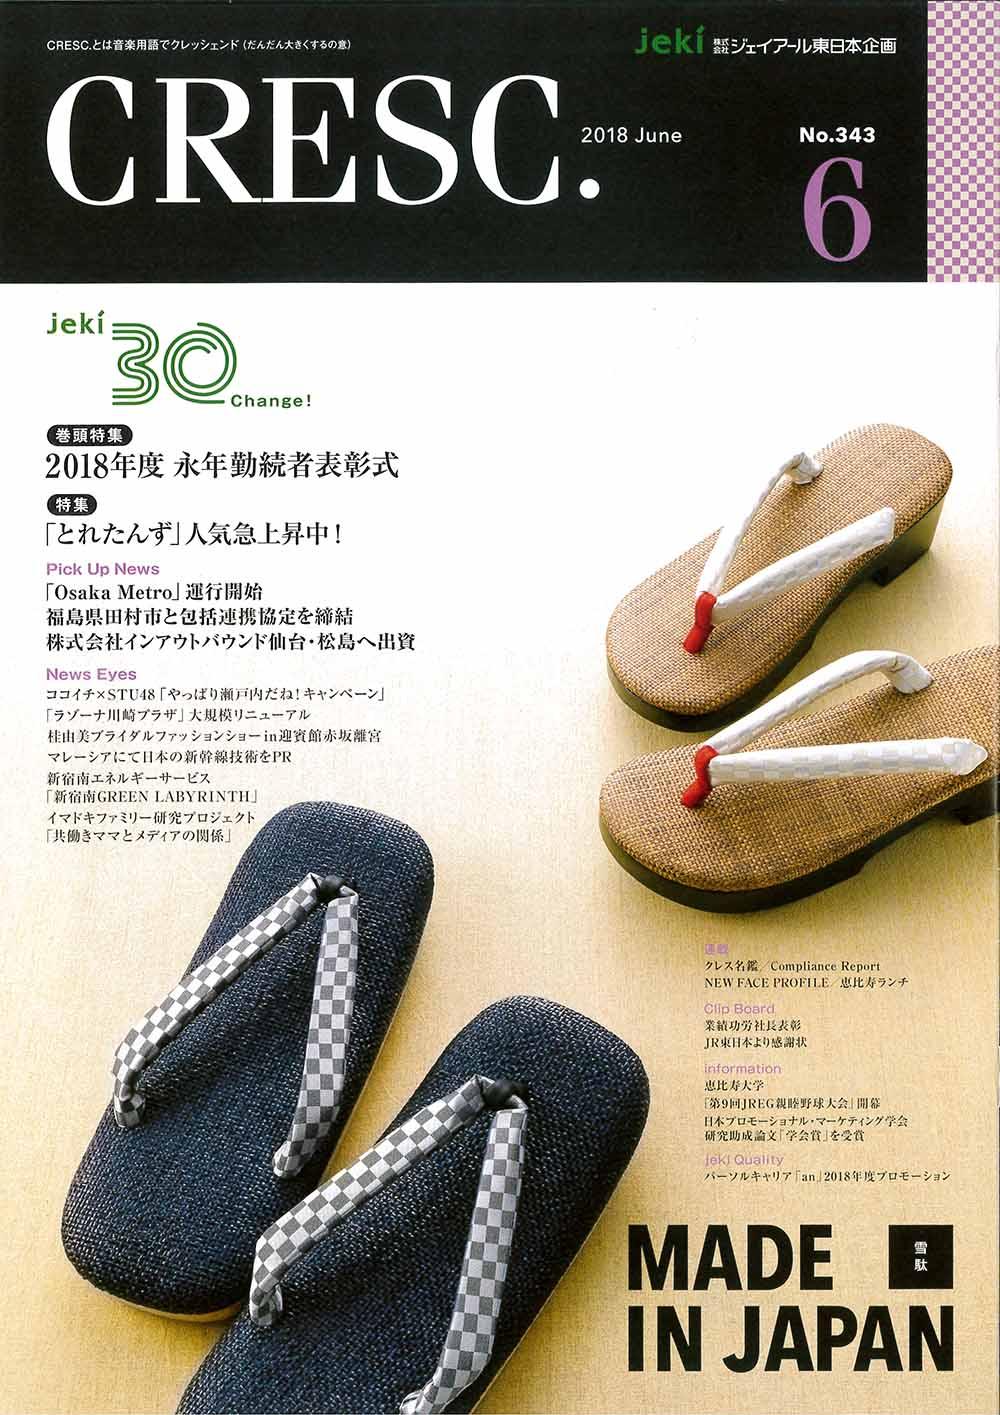 JR東日本社内報CRESC表紙